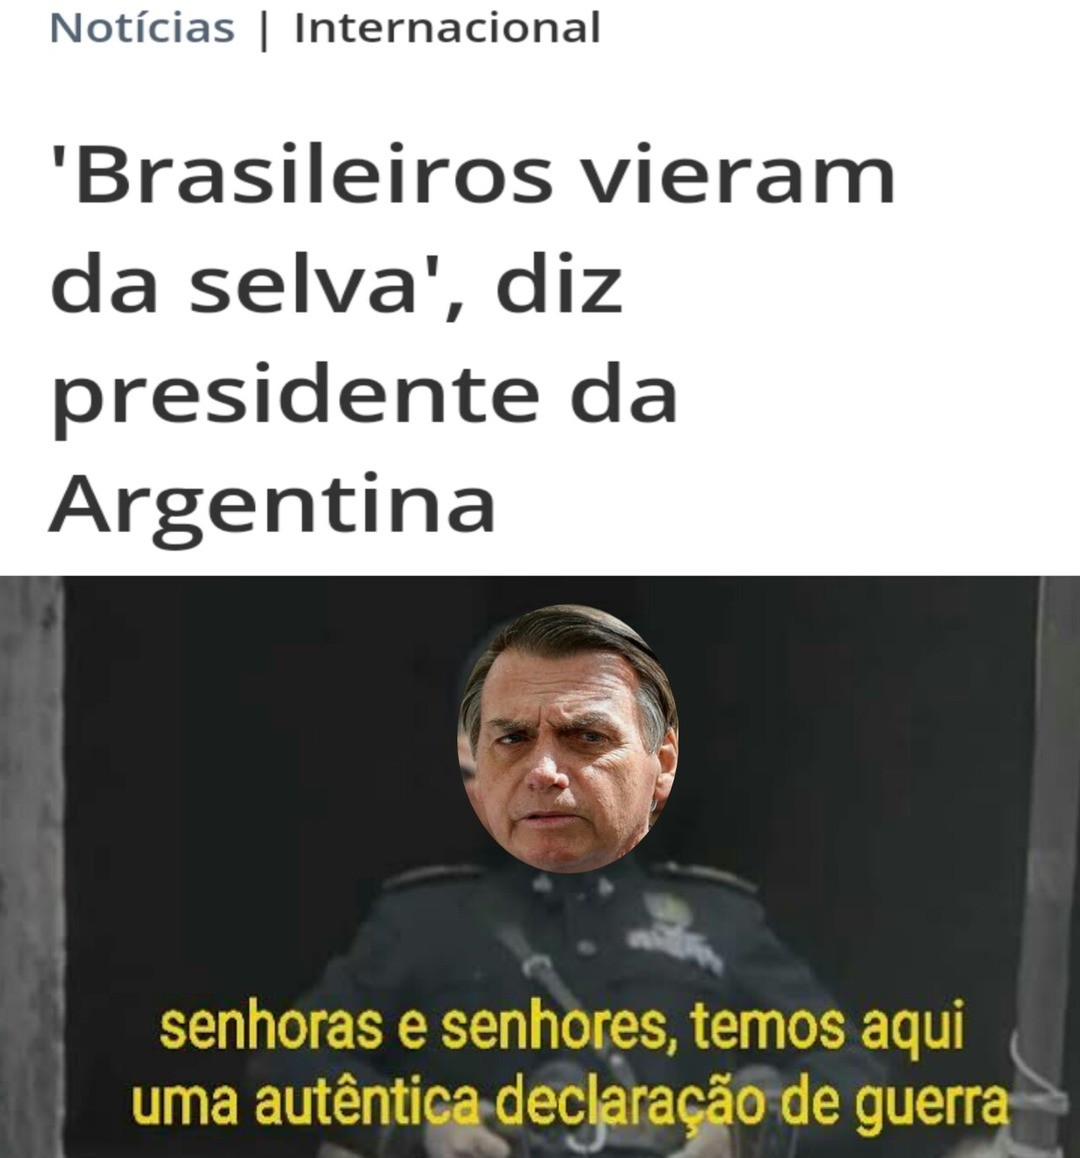 OBrasilalcançou aposiçãode 13° no ranking mundial das potênciasmilitares - meme